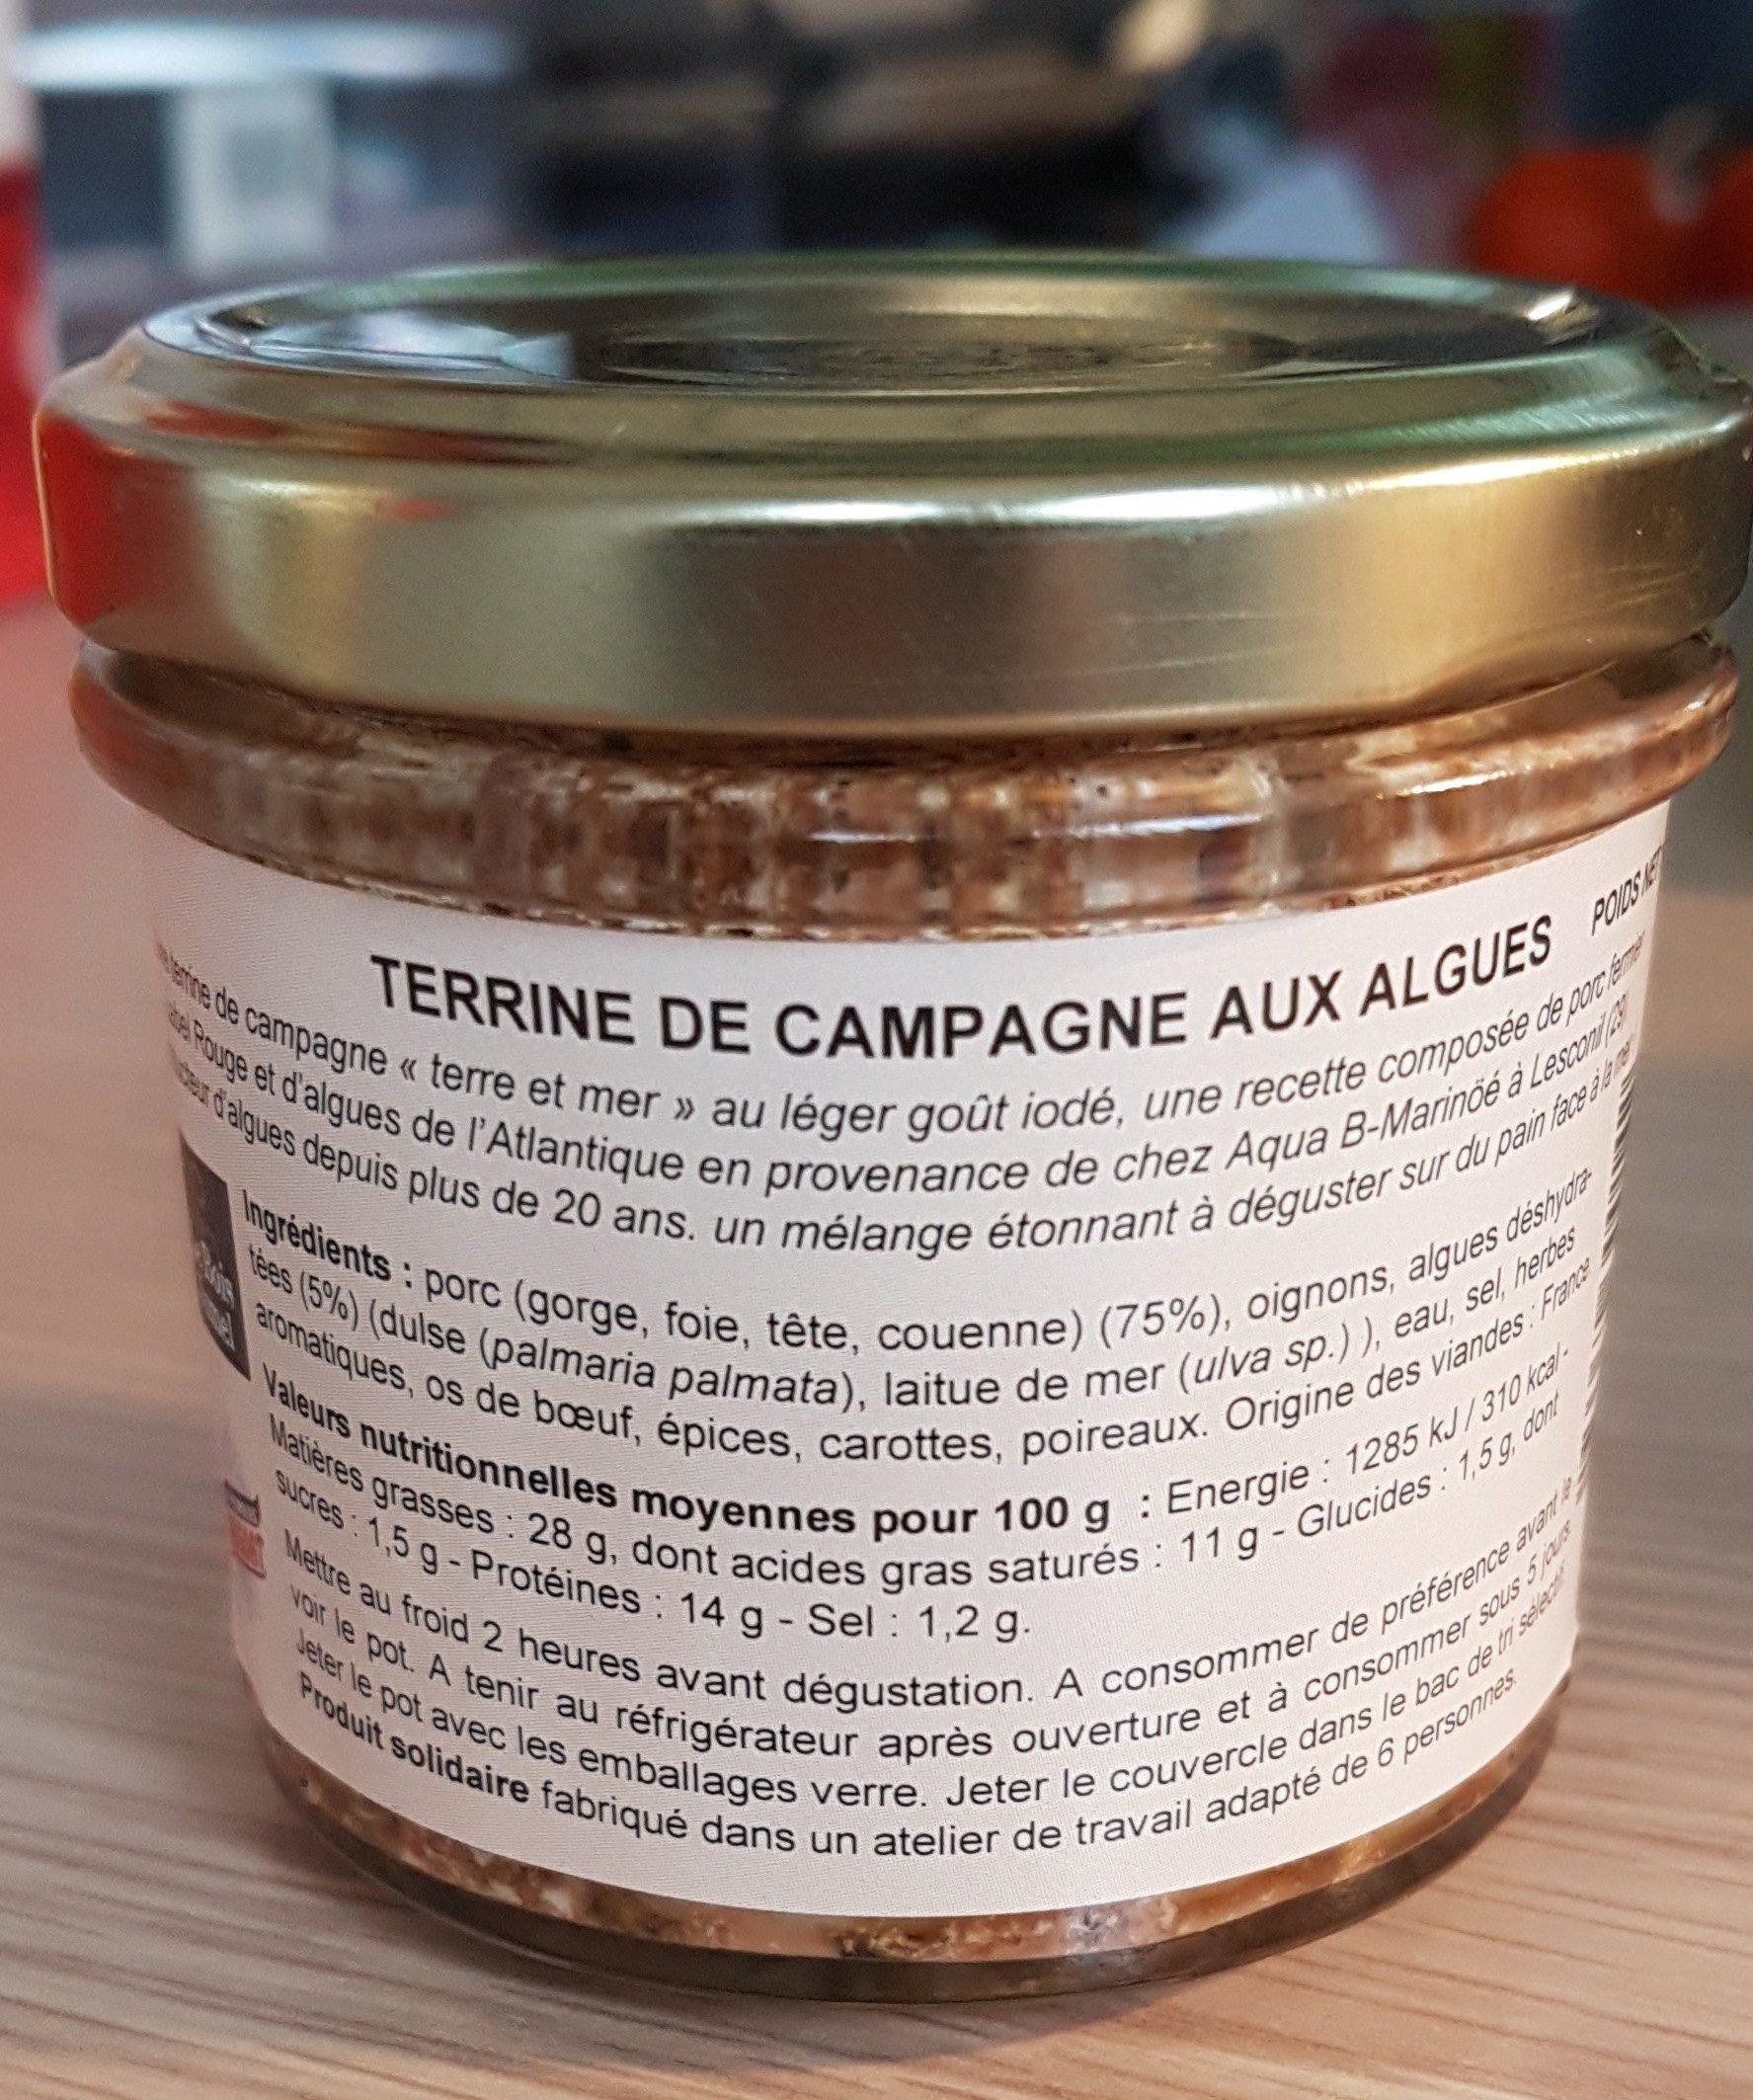 Terrine de campagne aux algues - Ingrédients